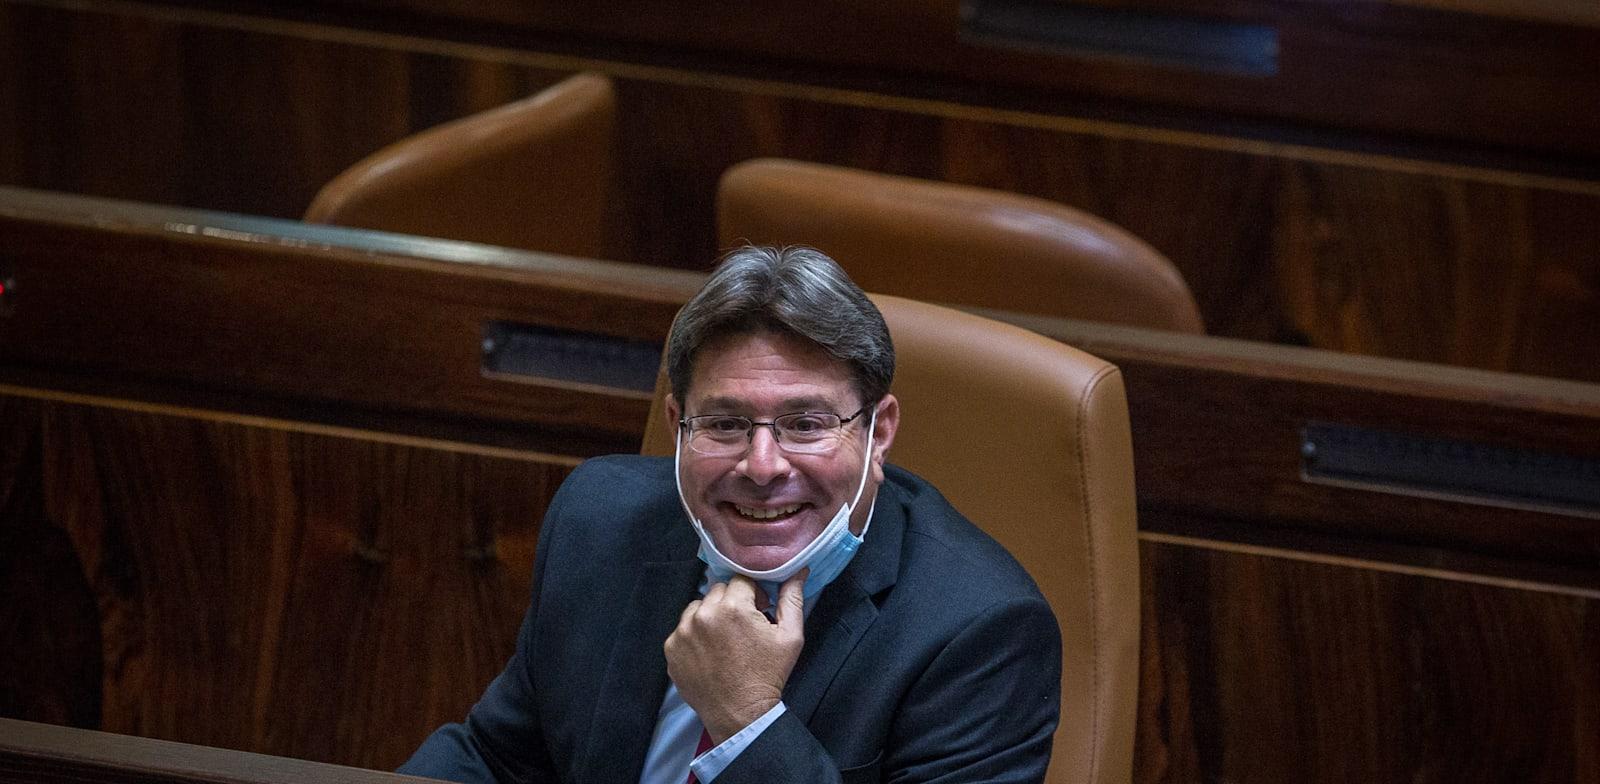 ראש ועדת החריגים השר אופיר אקוניס / צילום: אורון בן חקון